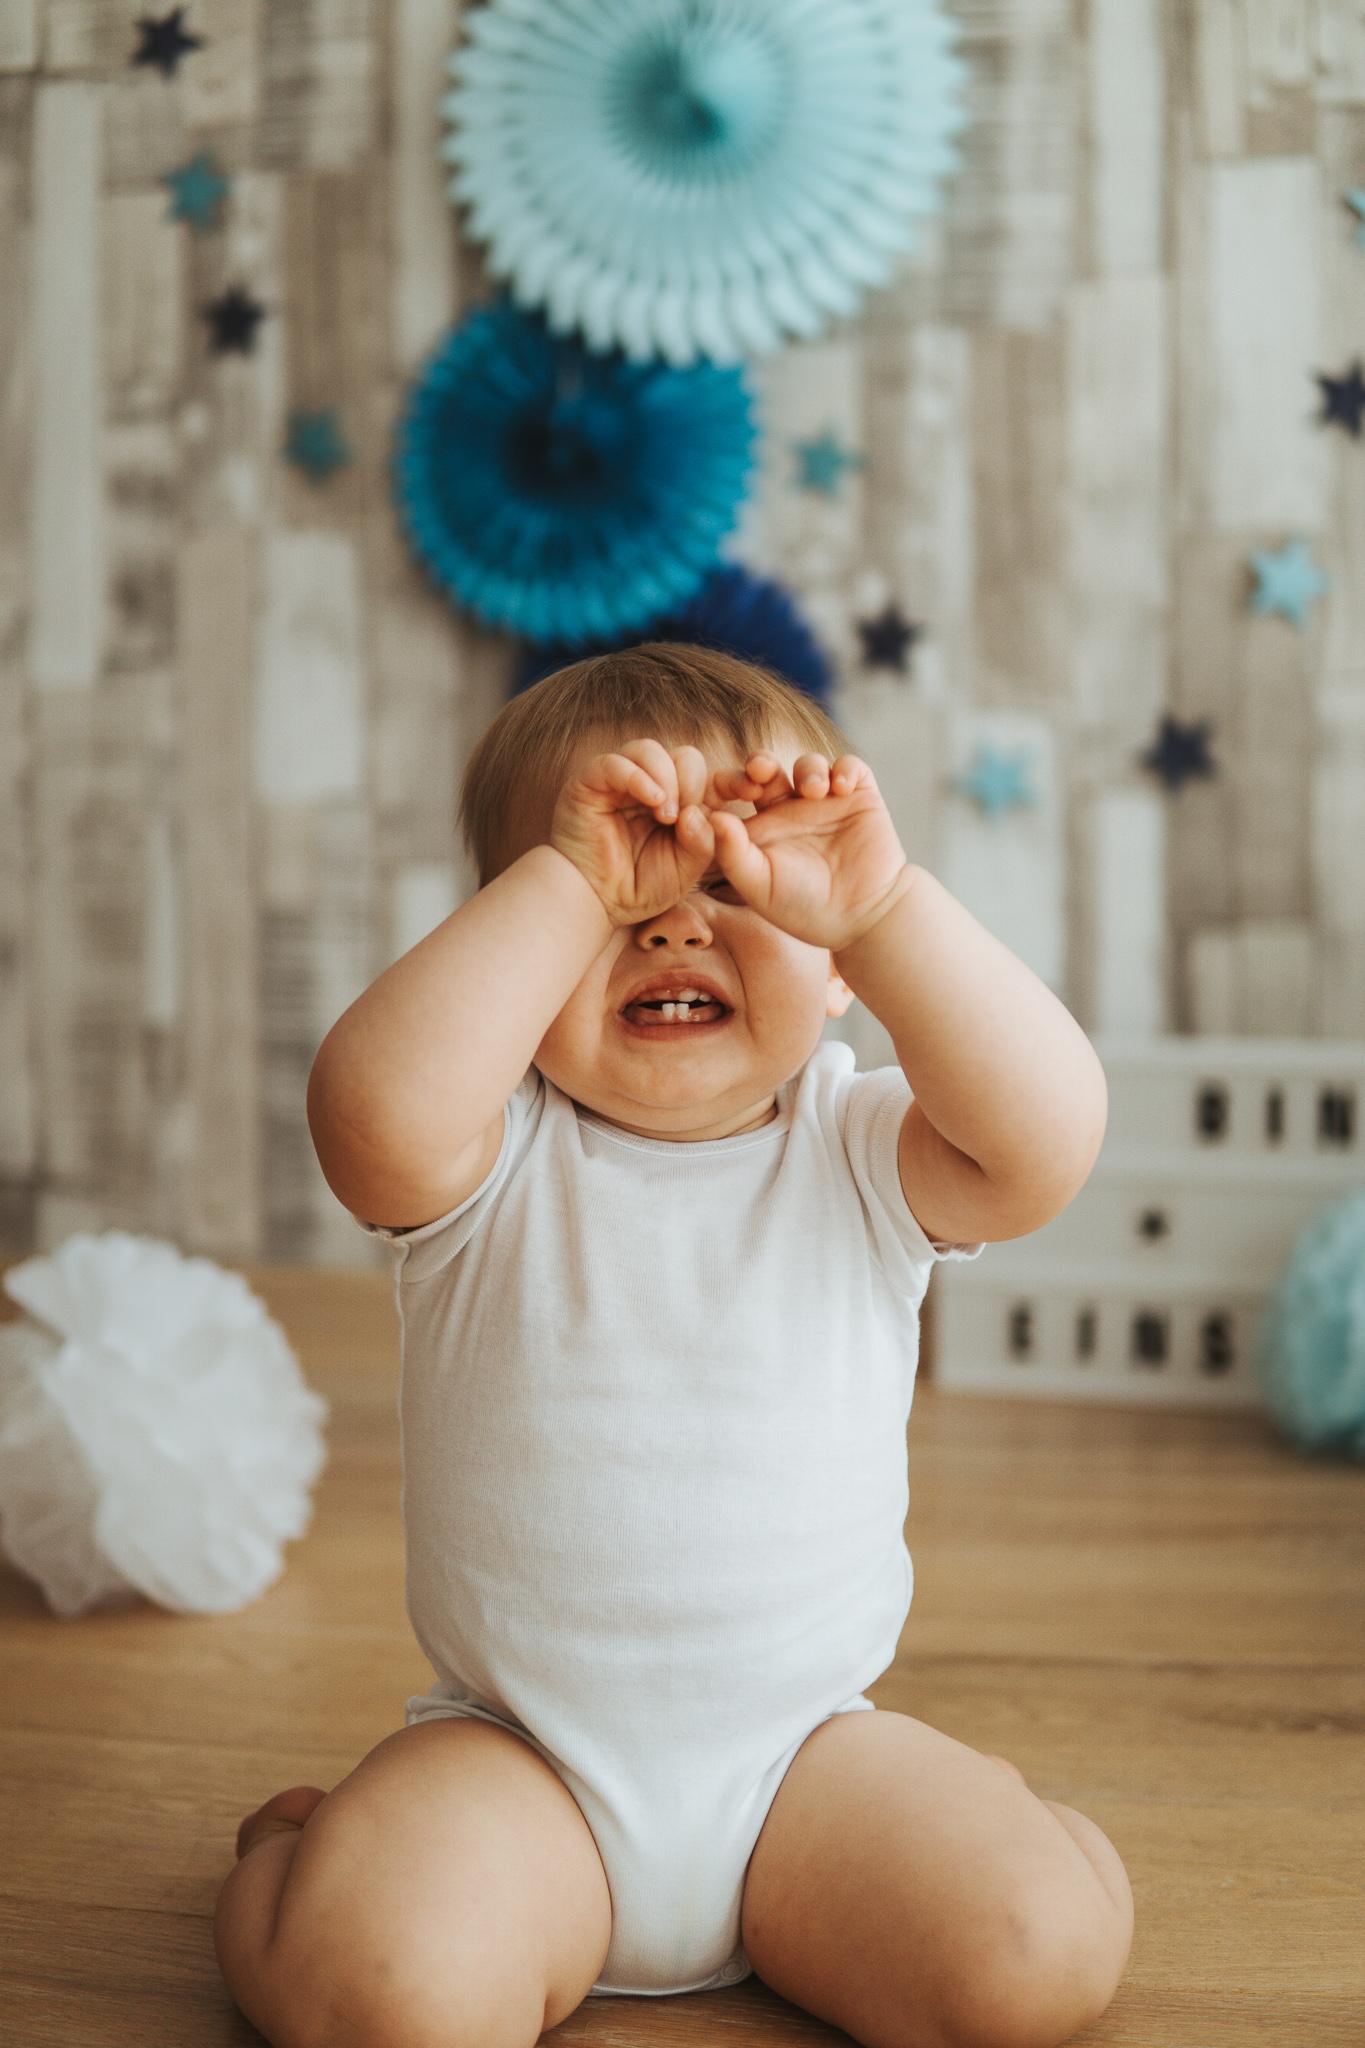 fotografie erkelenz baby